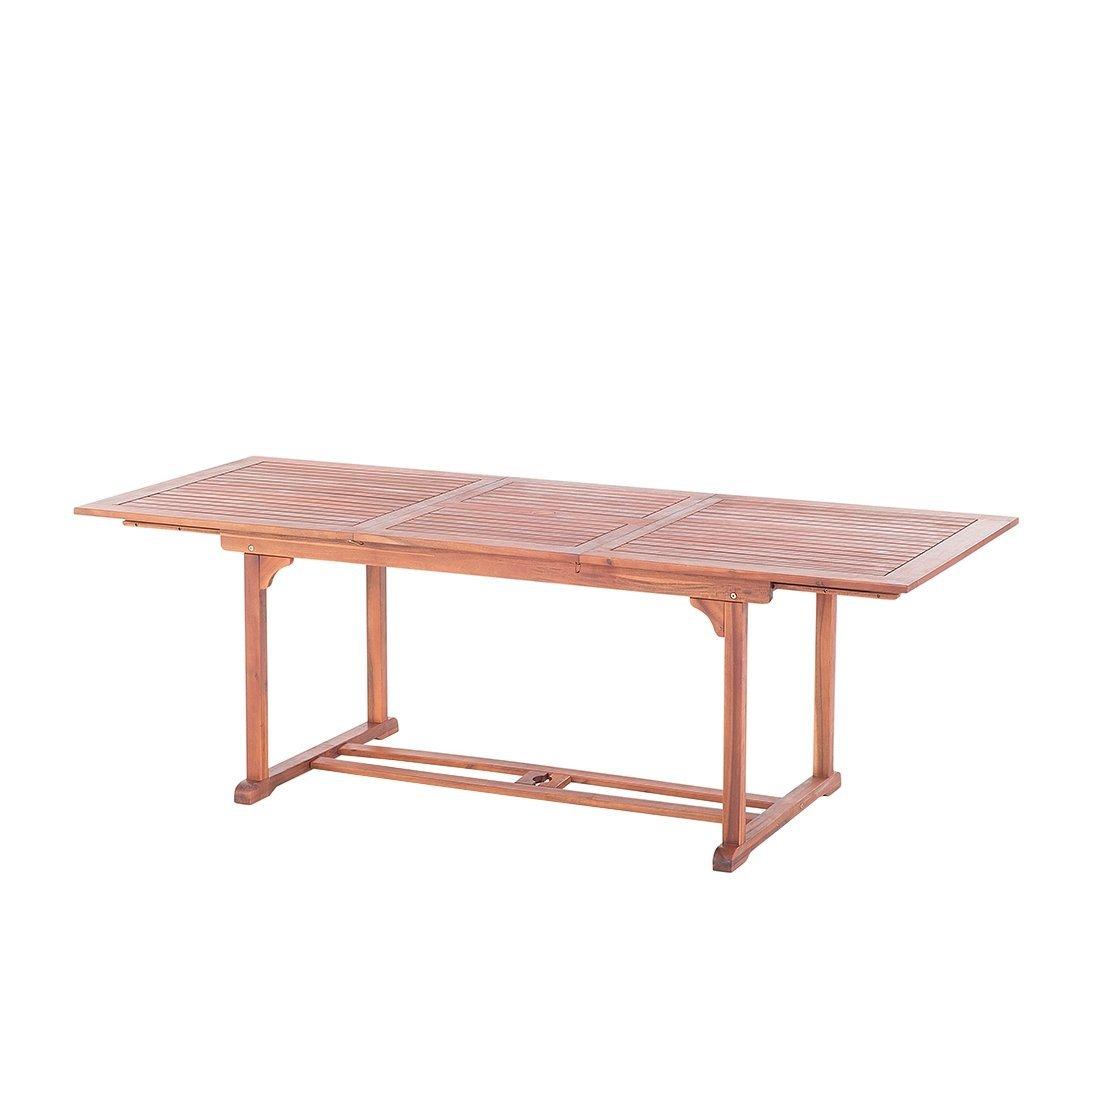 Holz Gartentisch - Esstisch ausziehbar - Holztisch - Gartenmöbel ...